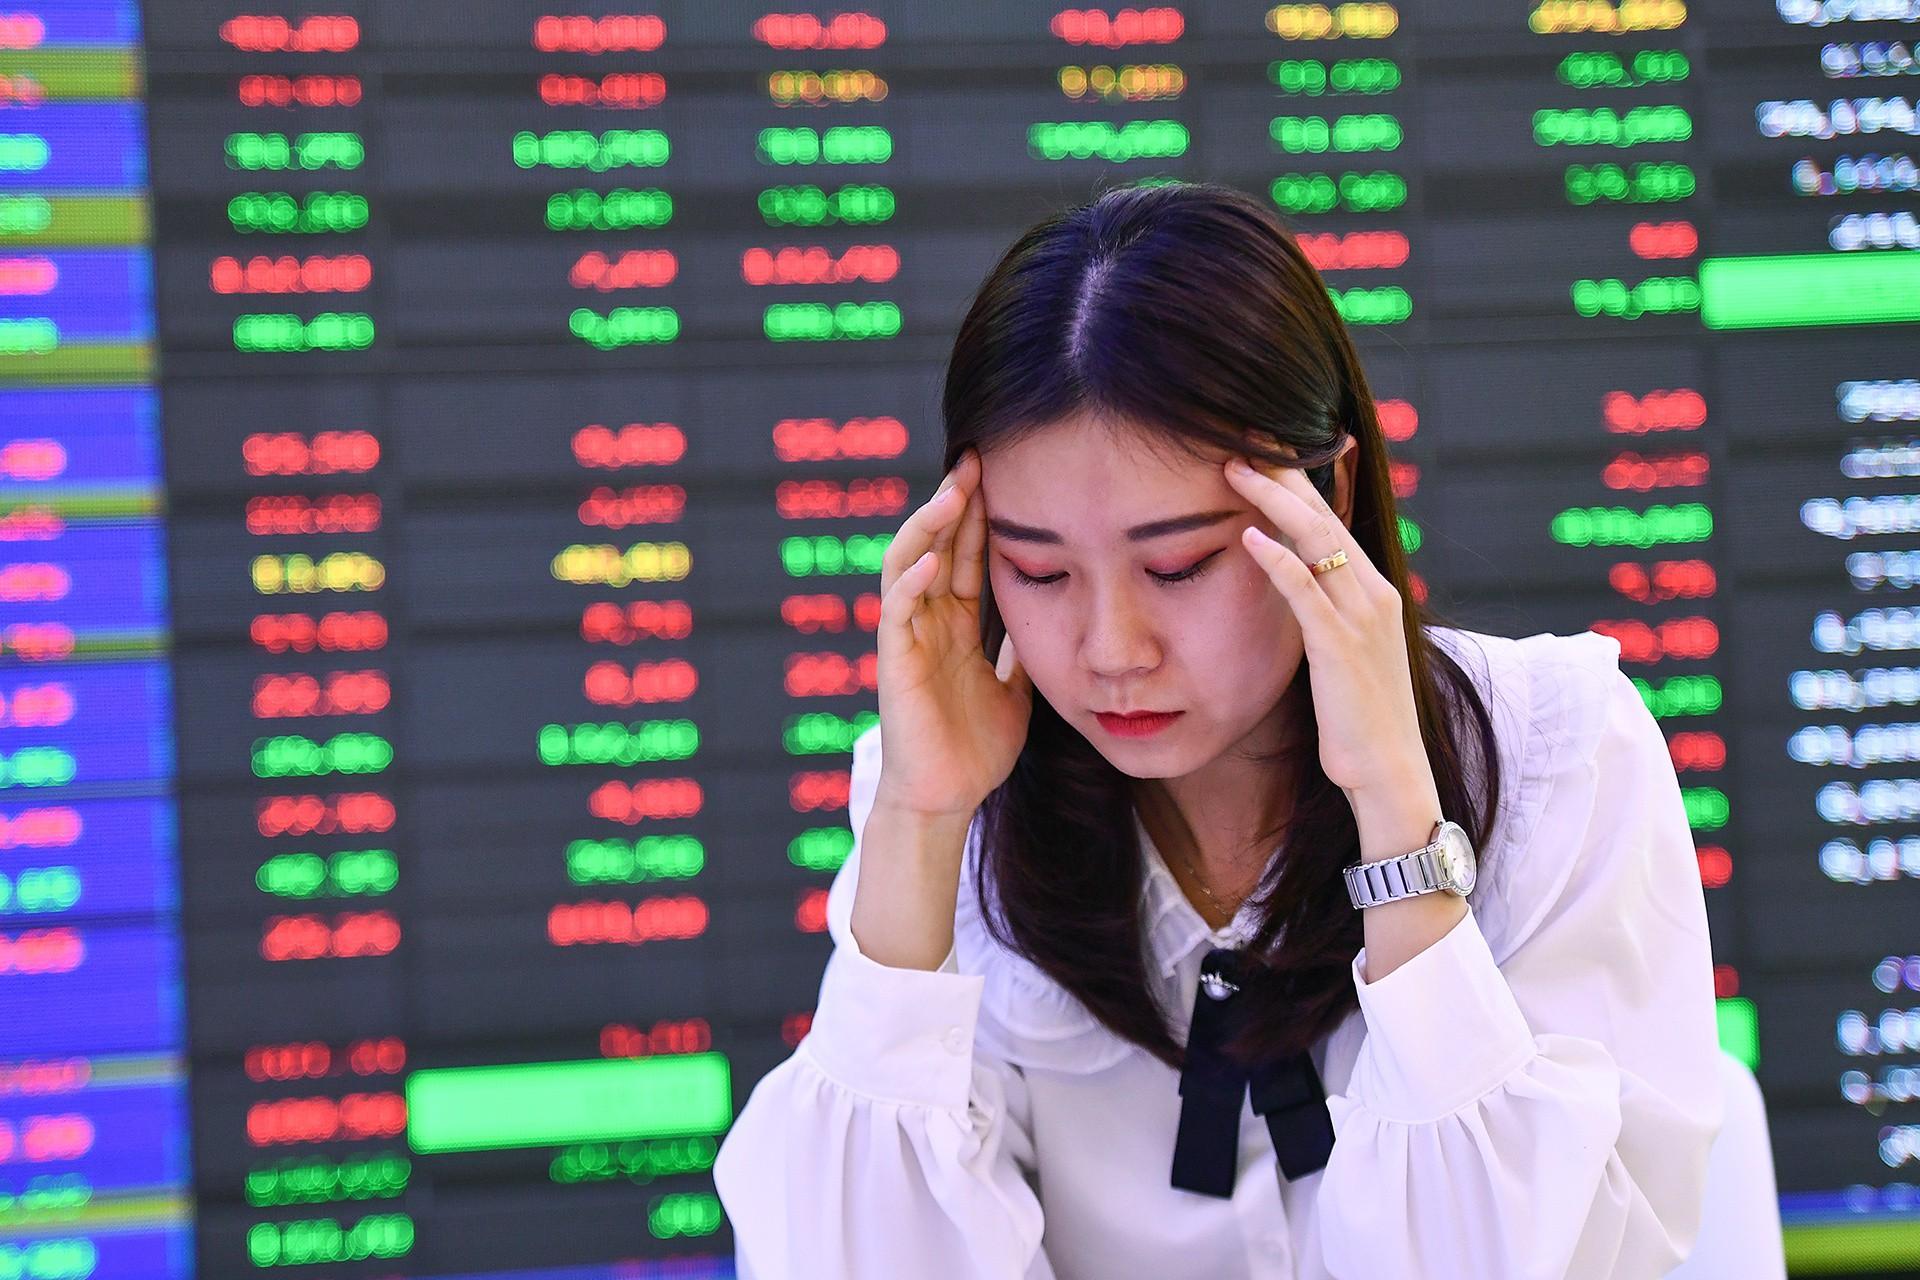 17 triệu cổ phiếu MPT sẽ chính thức bị hủy niêm yết kể từ ngày 25/05